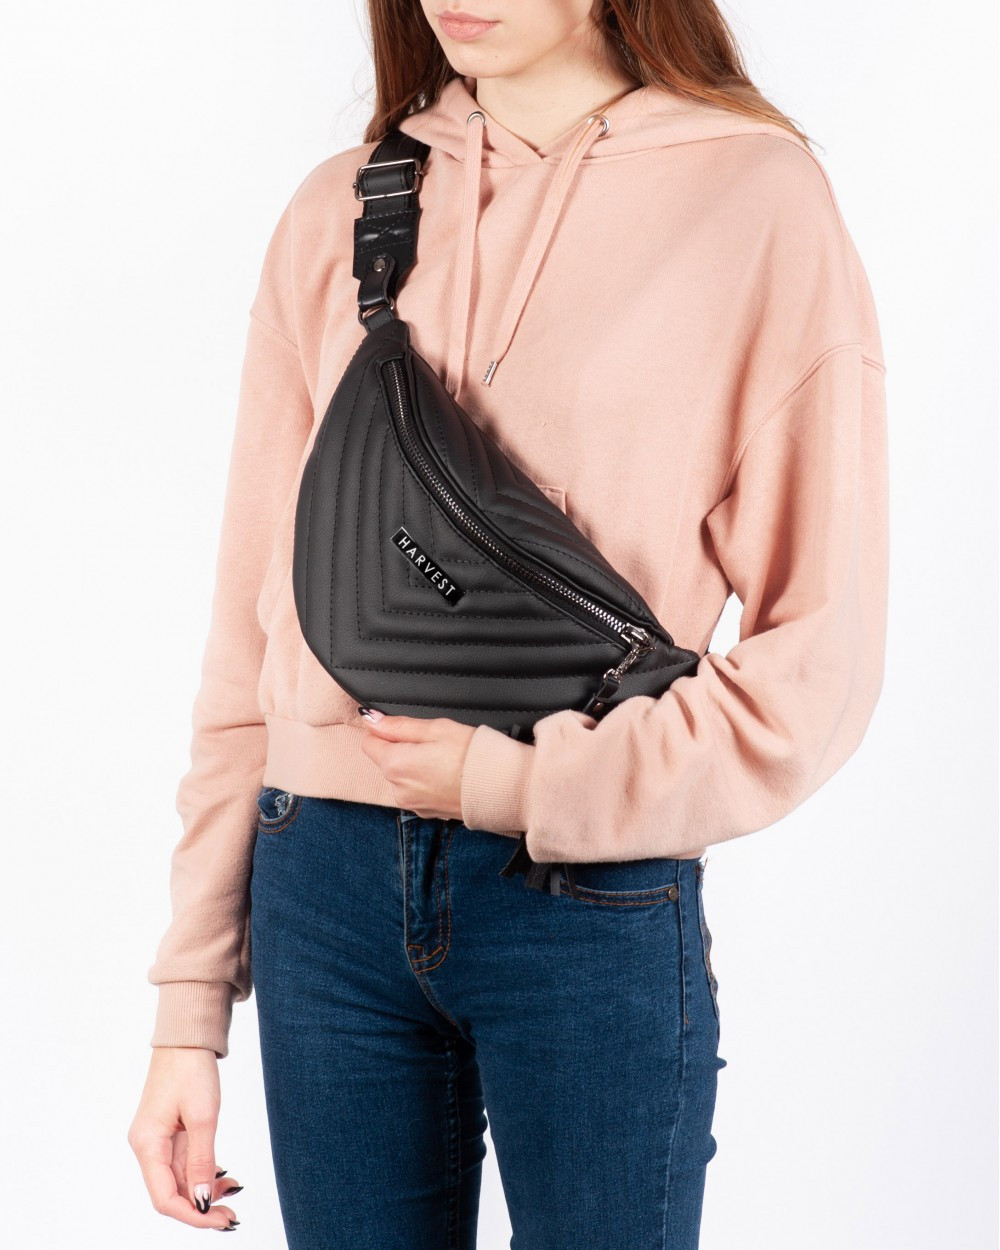 d6ad8556526c ... Поясная сумка на пояс барсетка MOLLY HARVEST черная (сумки, женская су 3